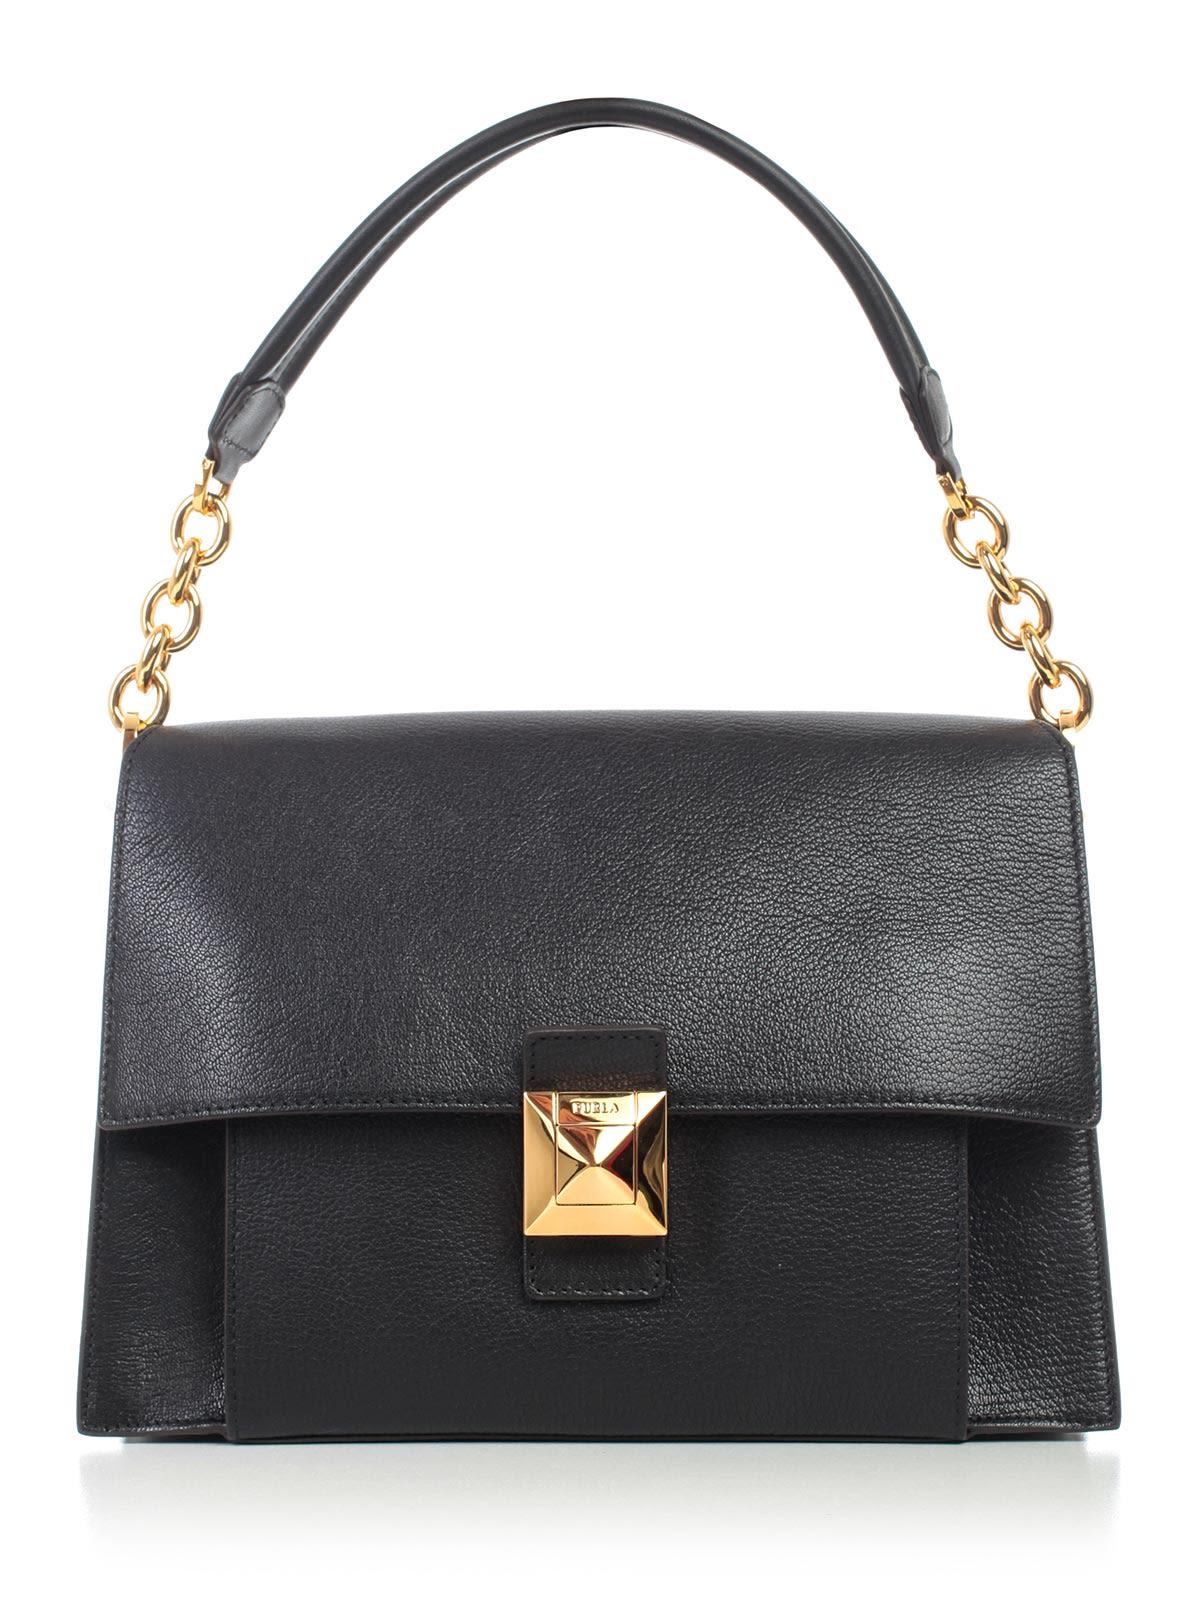 edbe230fe Furla Furla Bag Diva Shoulder Bag - Onyx - 10966880 | italist